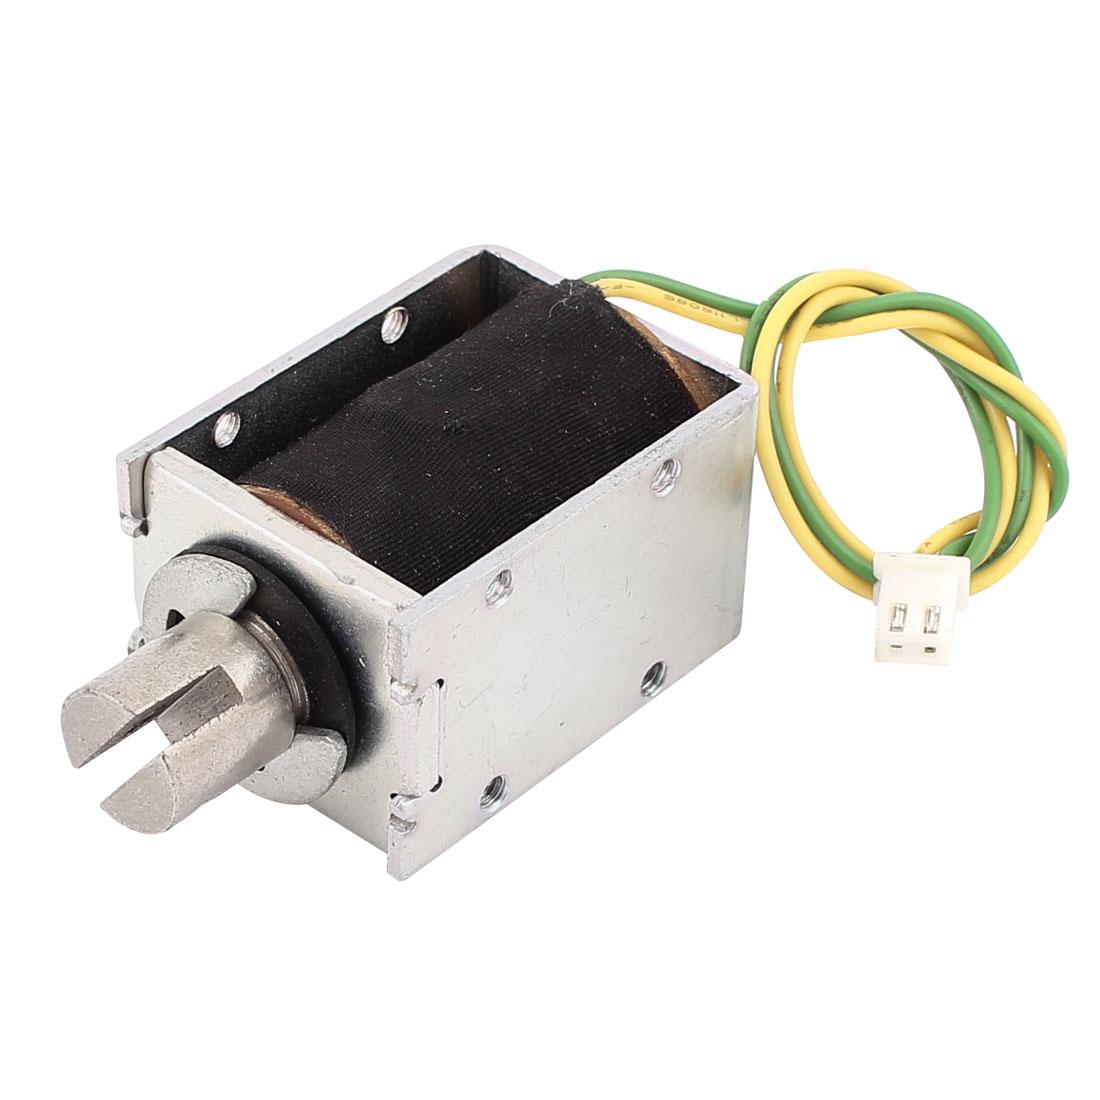 DC 6V 11mm 121g Pull Open Frame Solenoid Electromagnet Electric Magnet Holding